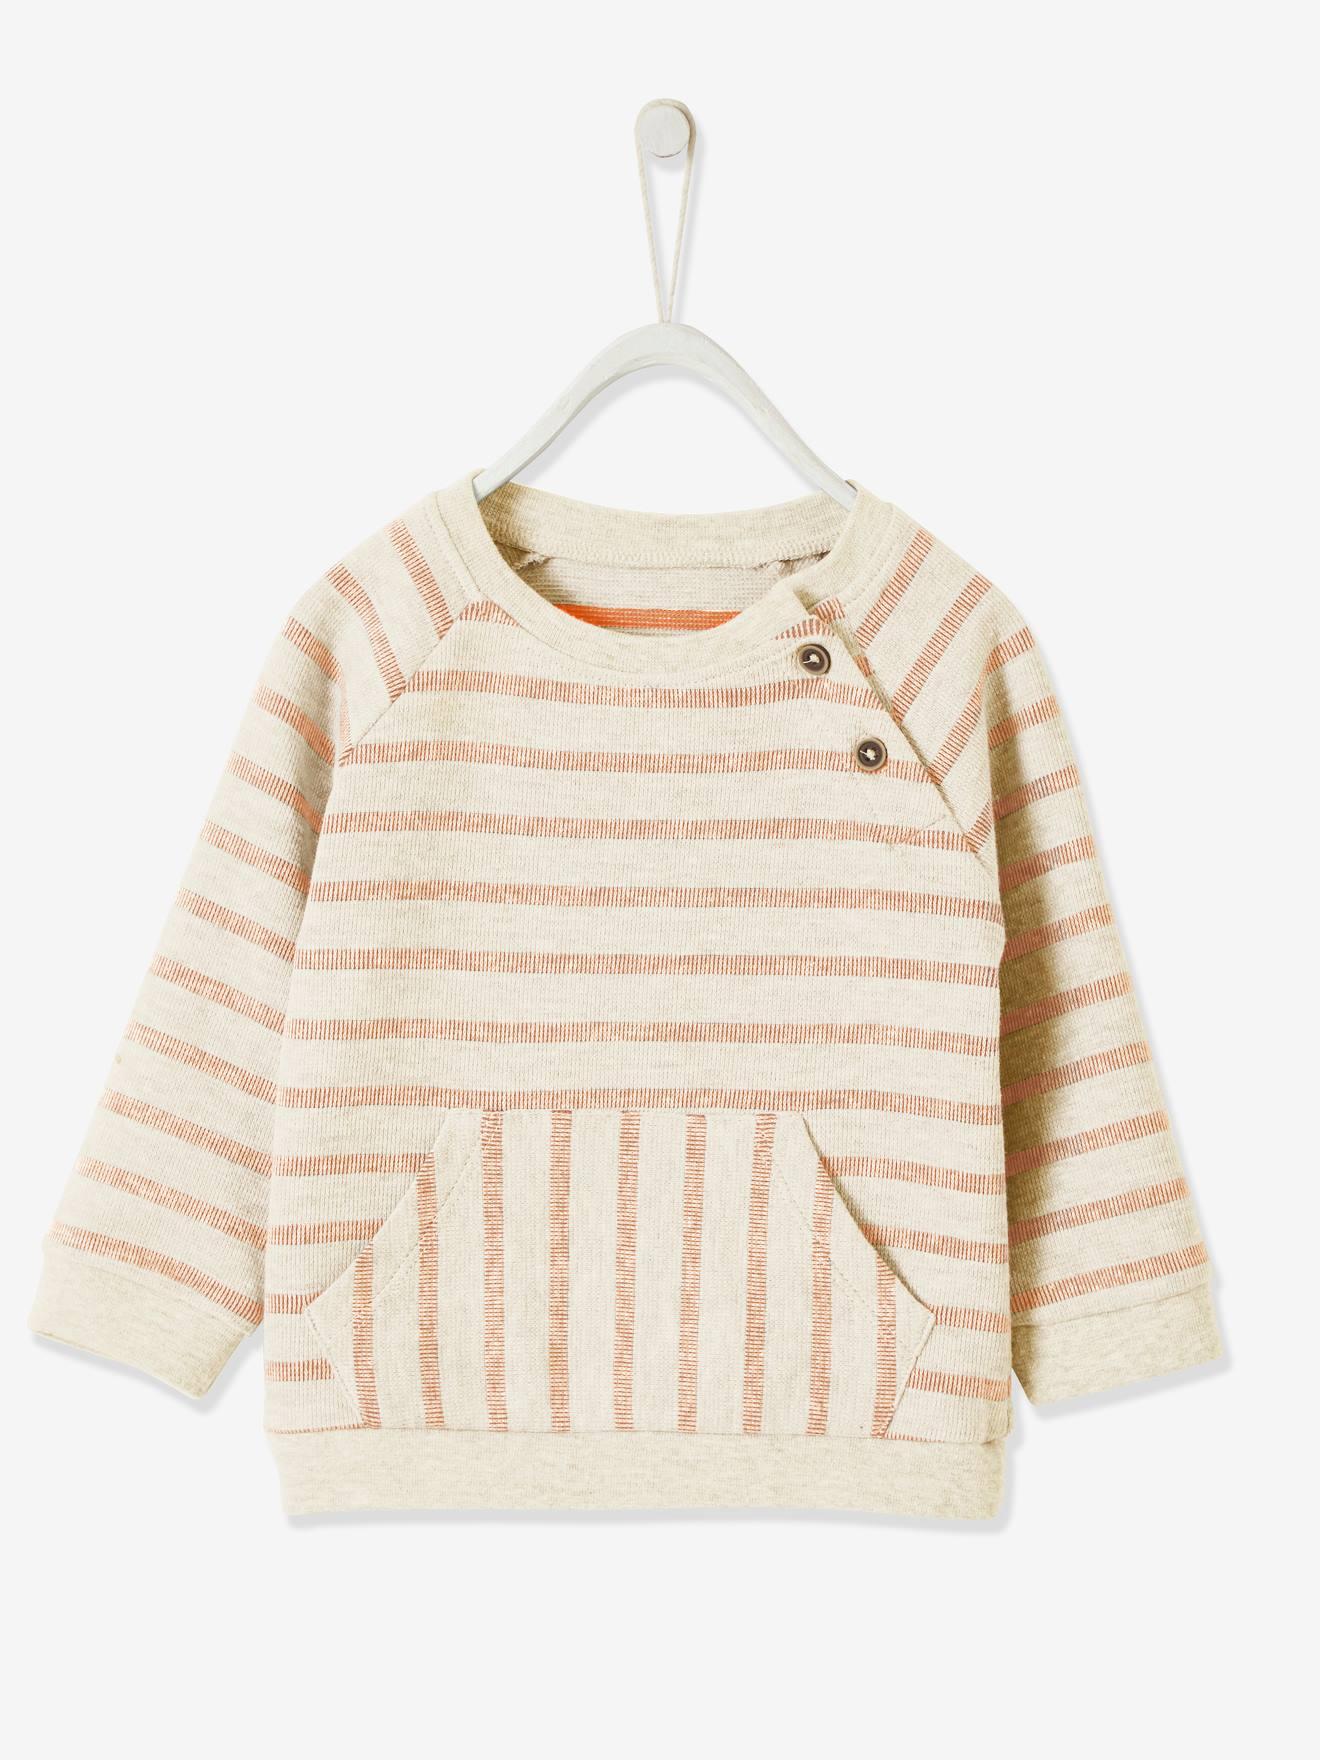 Baby Boys or Girl Jumper in Orange and Dark Grey Stripe